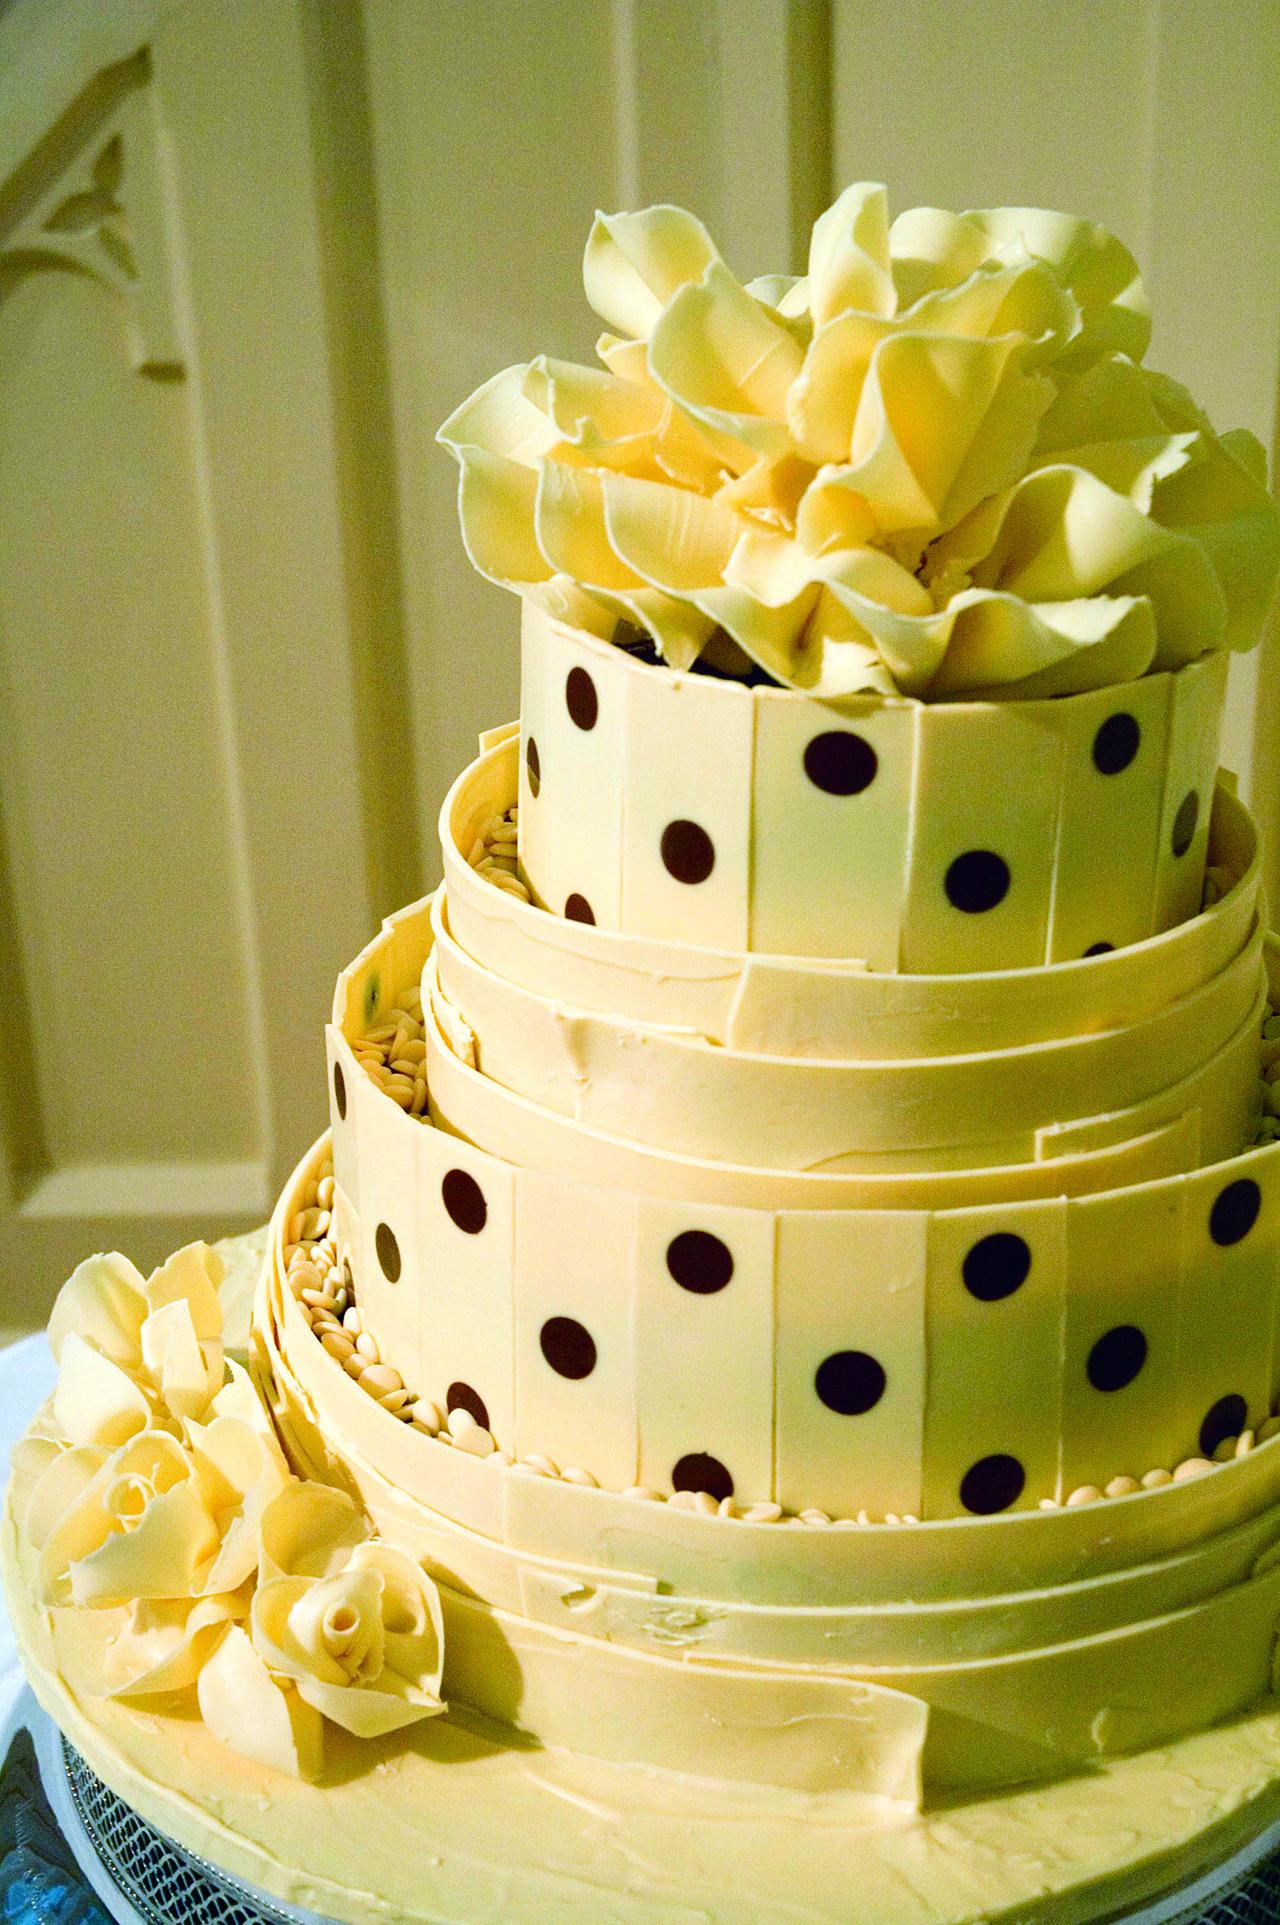 spotty white chololate wedding cake 02 CMYK.jpg